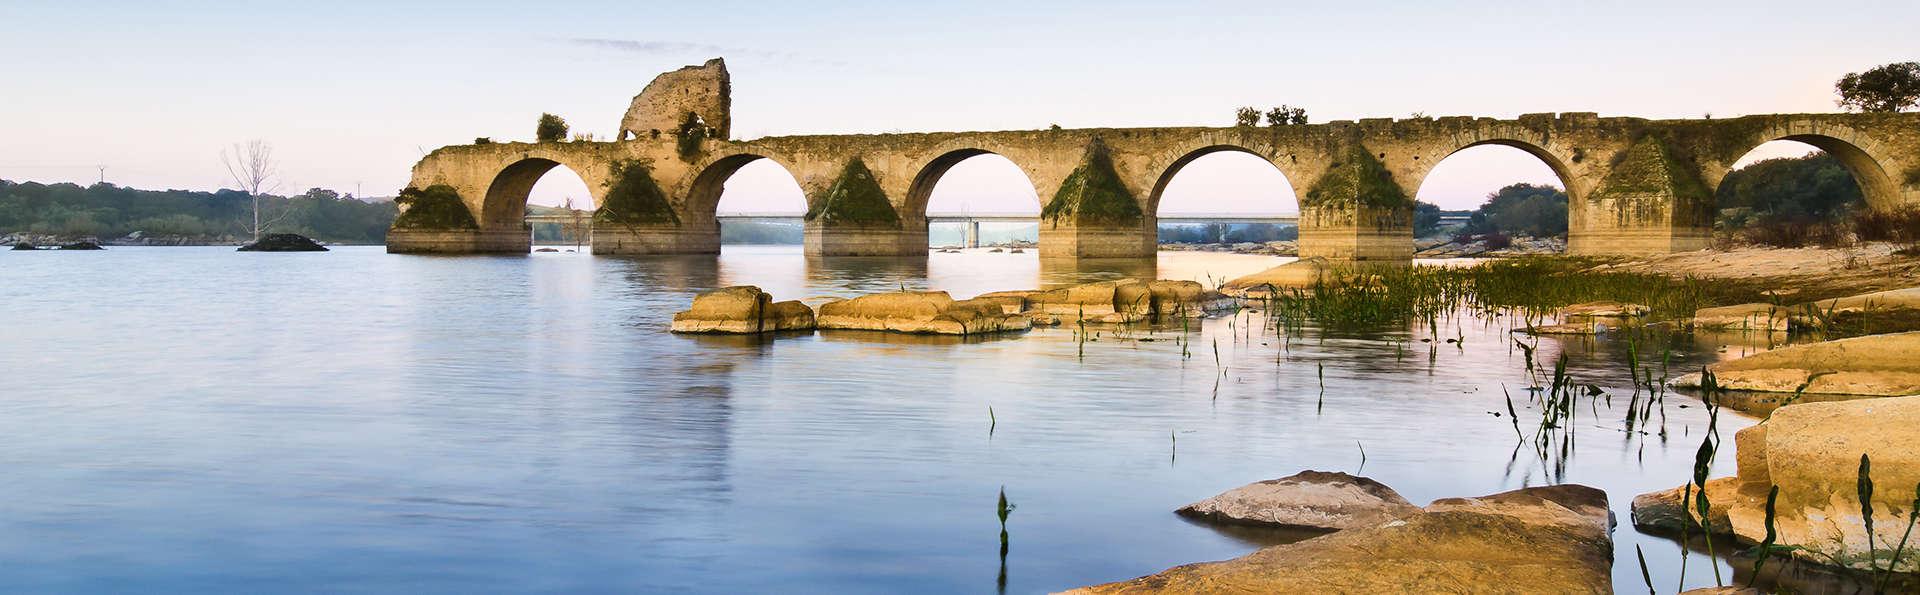 Descubre el encanto de Olivenza, un pueblecito fronterizo con Portugal, con visita al Castillo